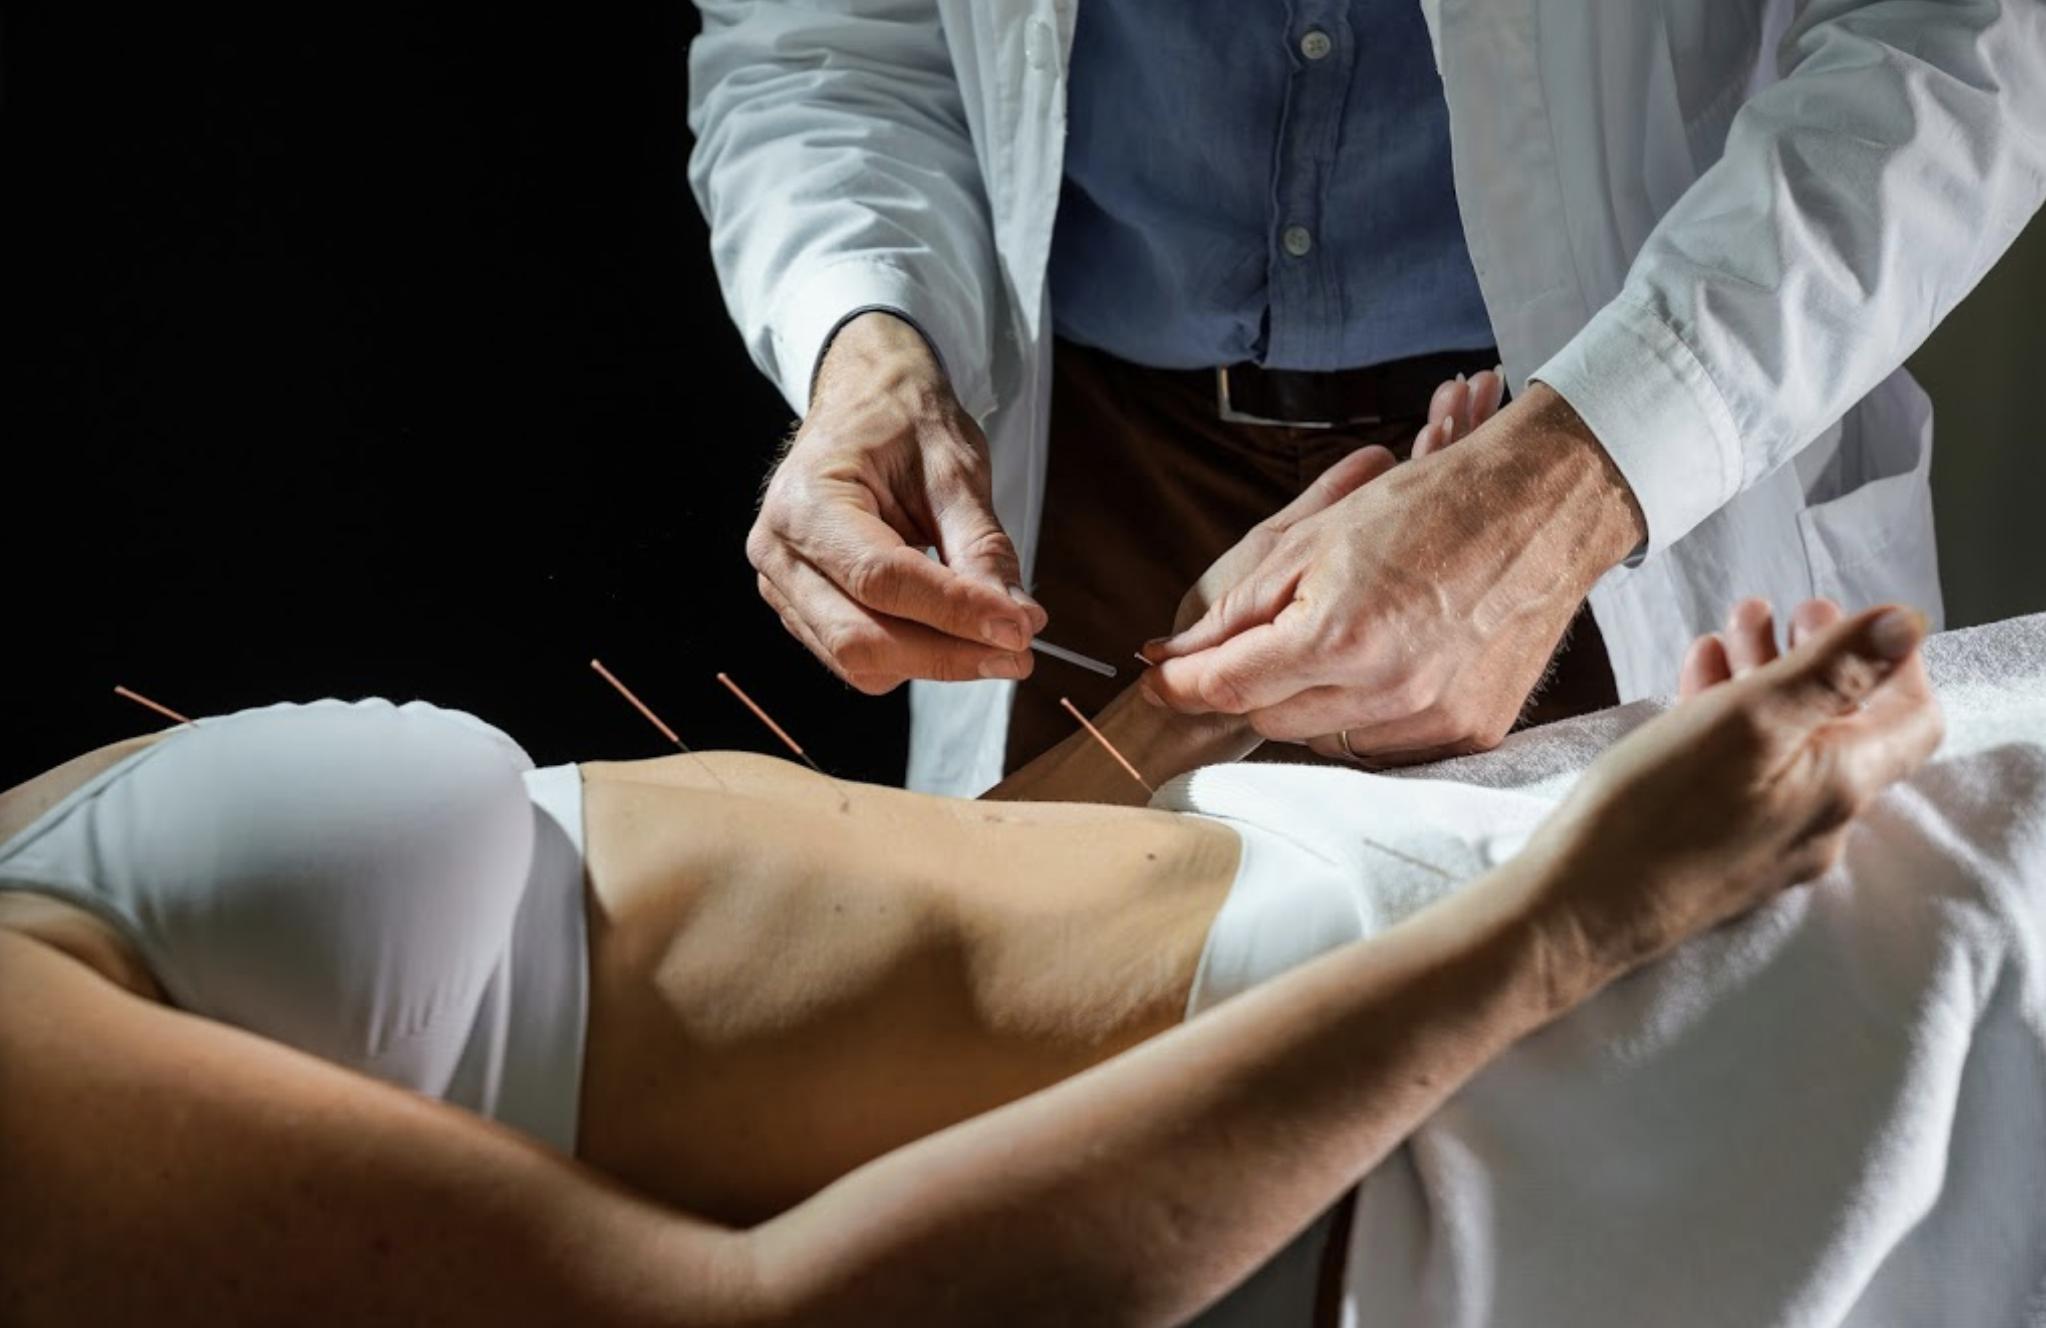 Sinomedica Medizinische Akupunktur und Traditionelle Chinesische Medizin Basel